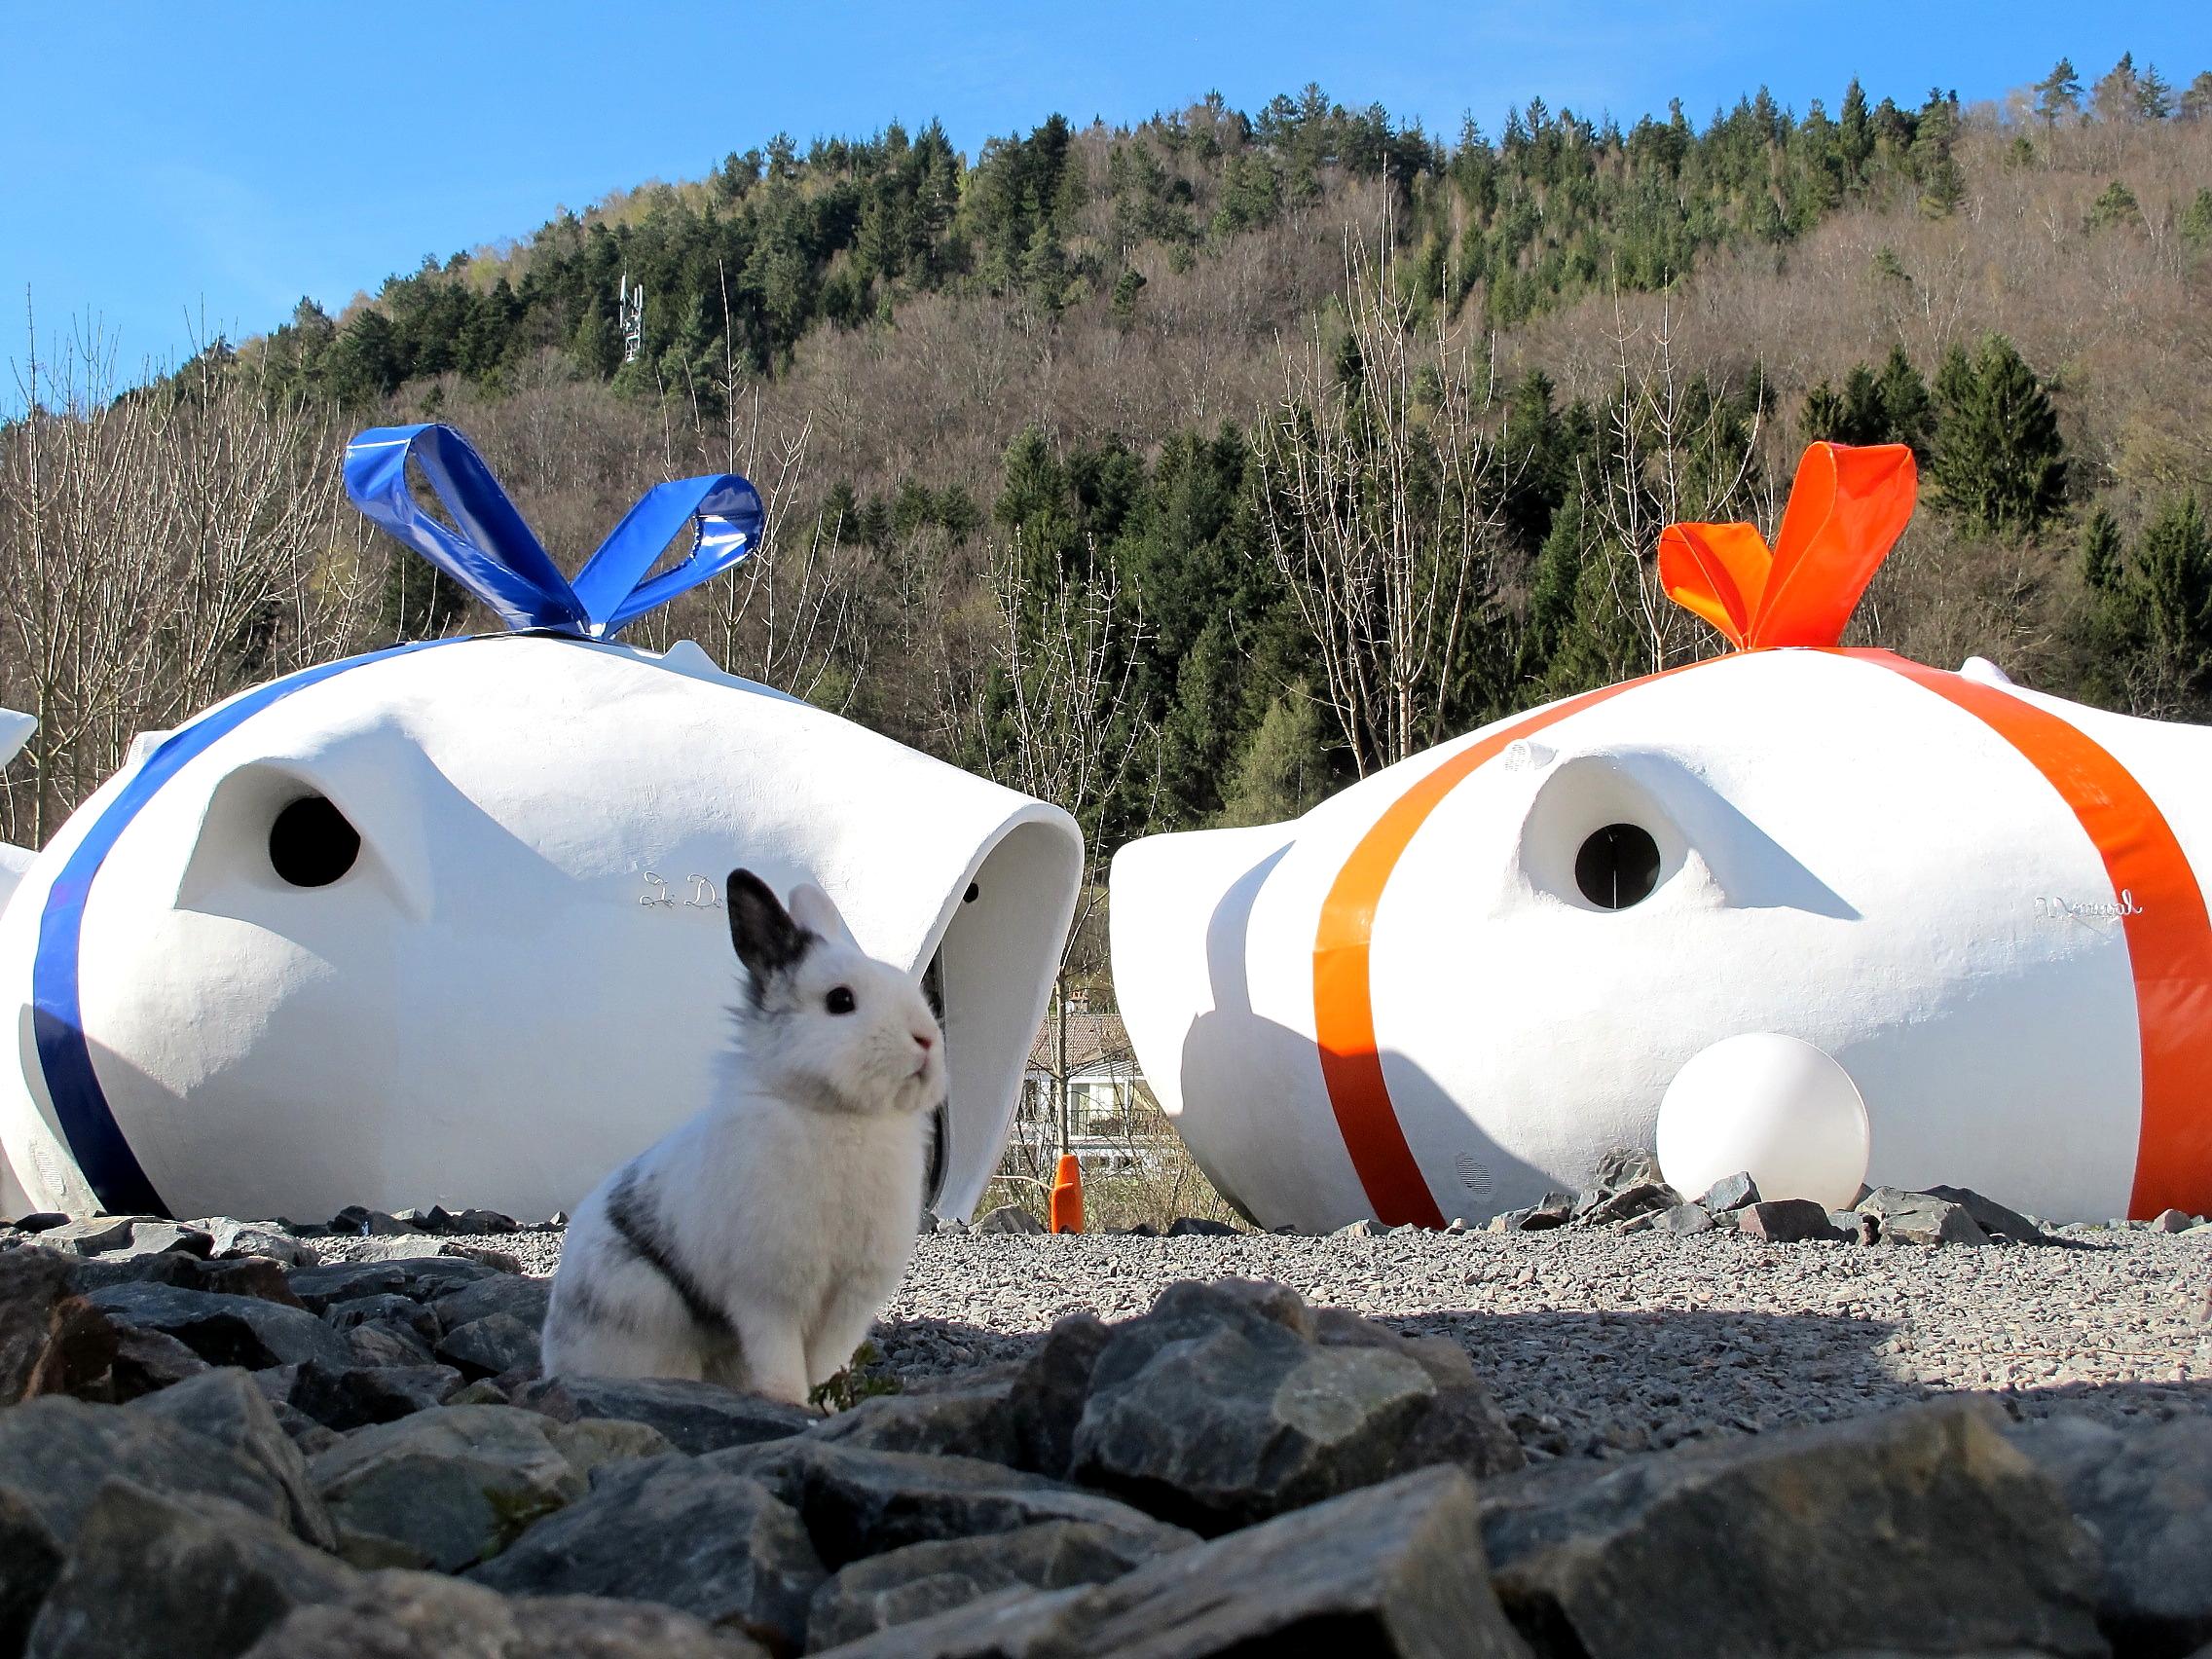 Ostern 2012: Schöne Schleifen verzieren derzeit die Wohn-Eier